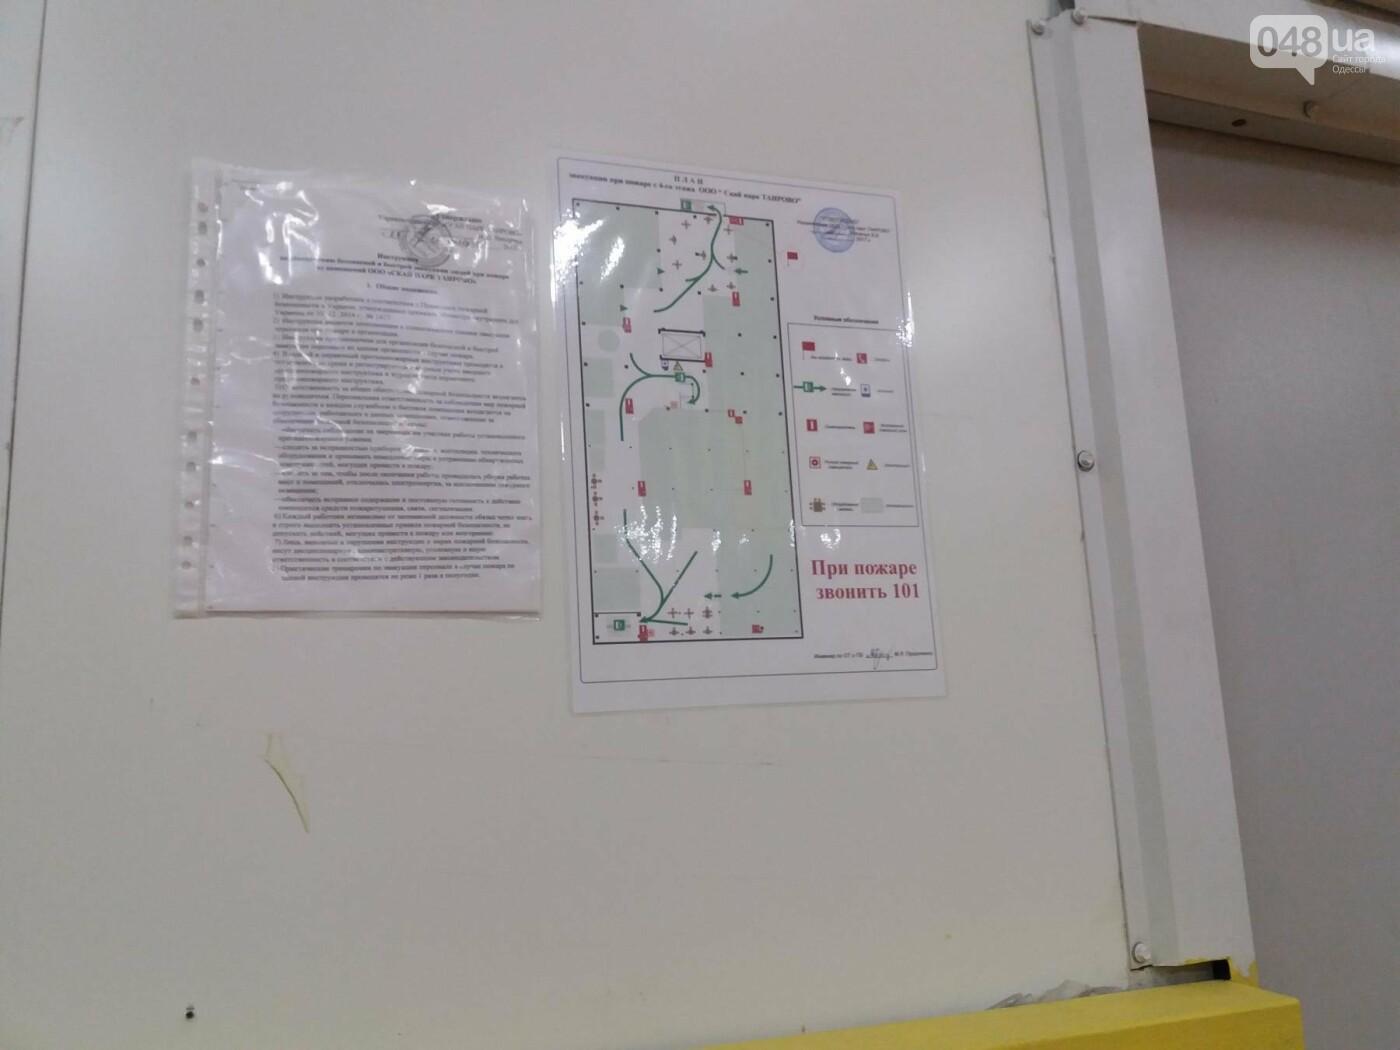 Куда бежать при пожаре: проверяем одесский SkyPark и учимся действовать правильно (ФОТО, ВИДЕО)  , фото-12